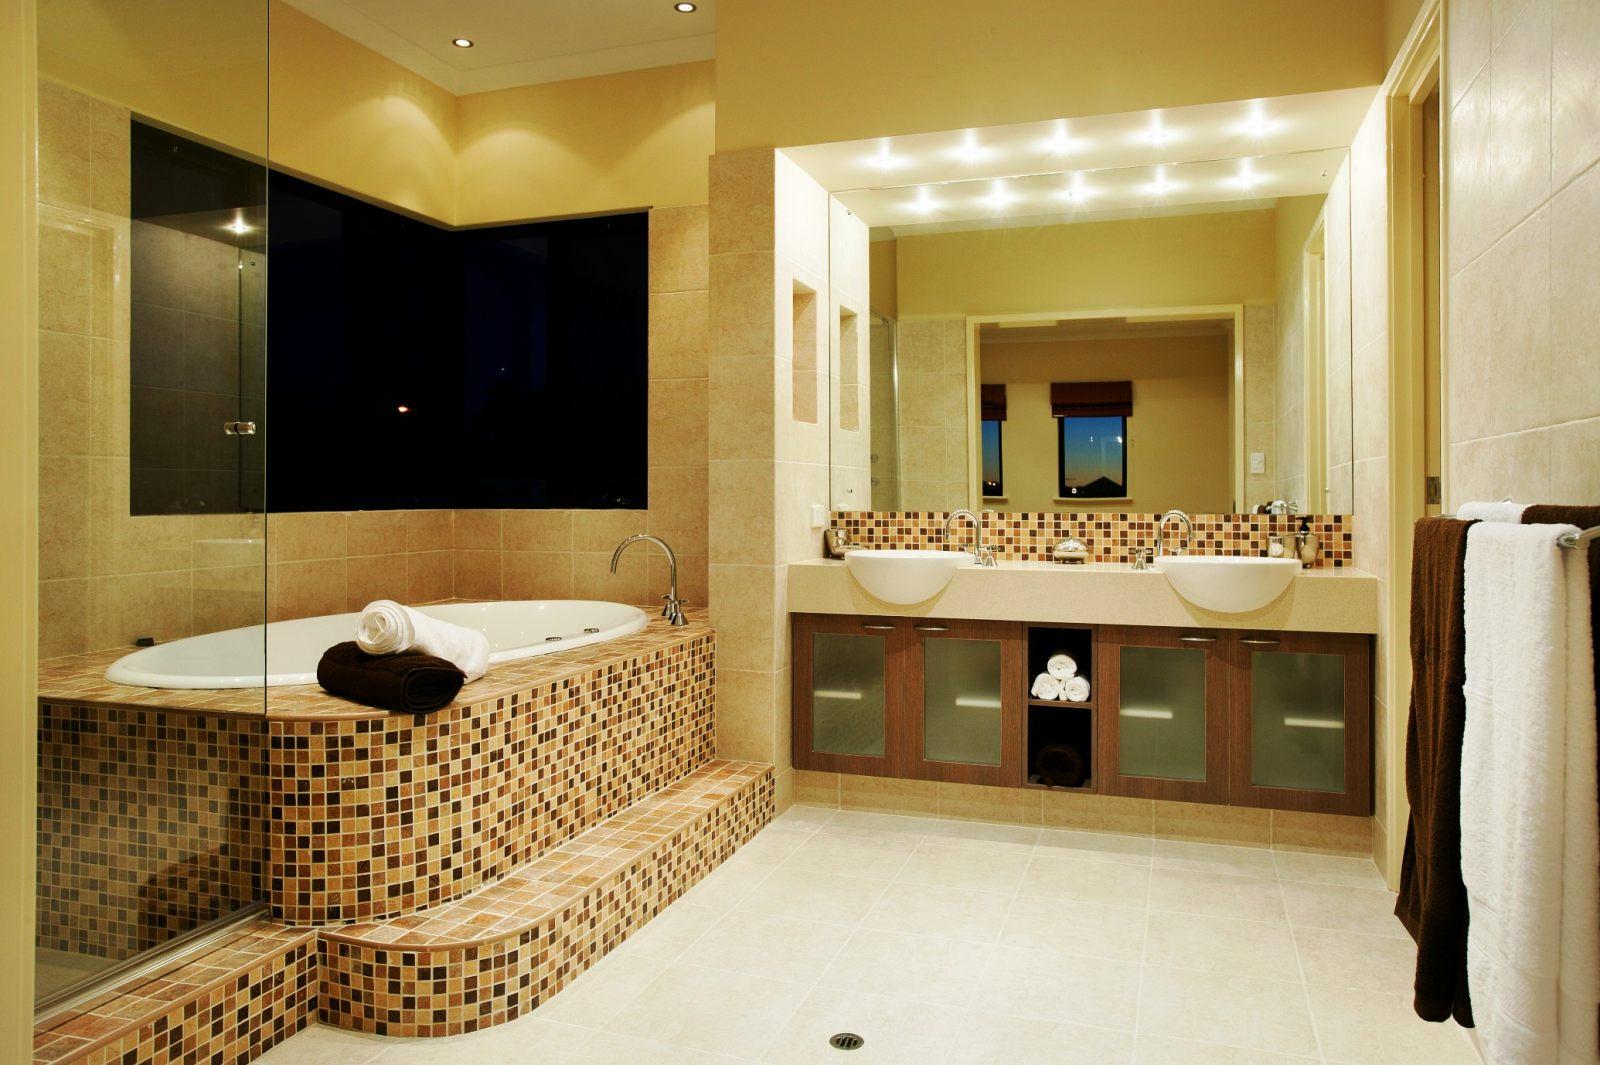 decoracion baos modernos gresite with decoracion en baos modernos